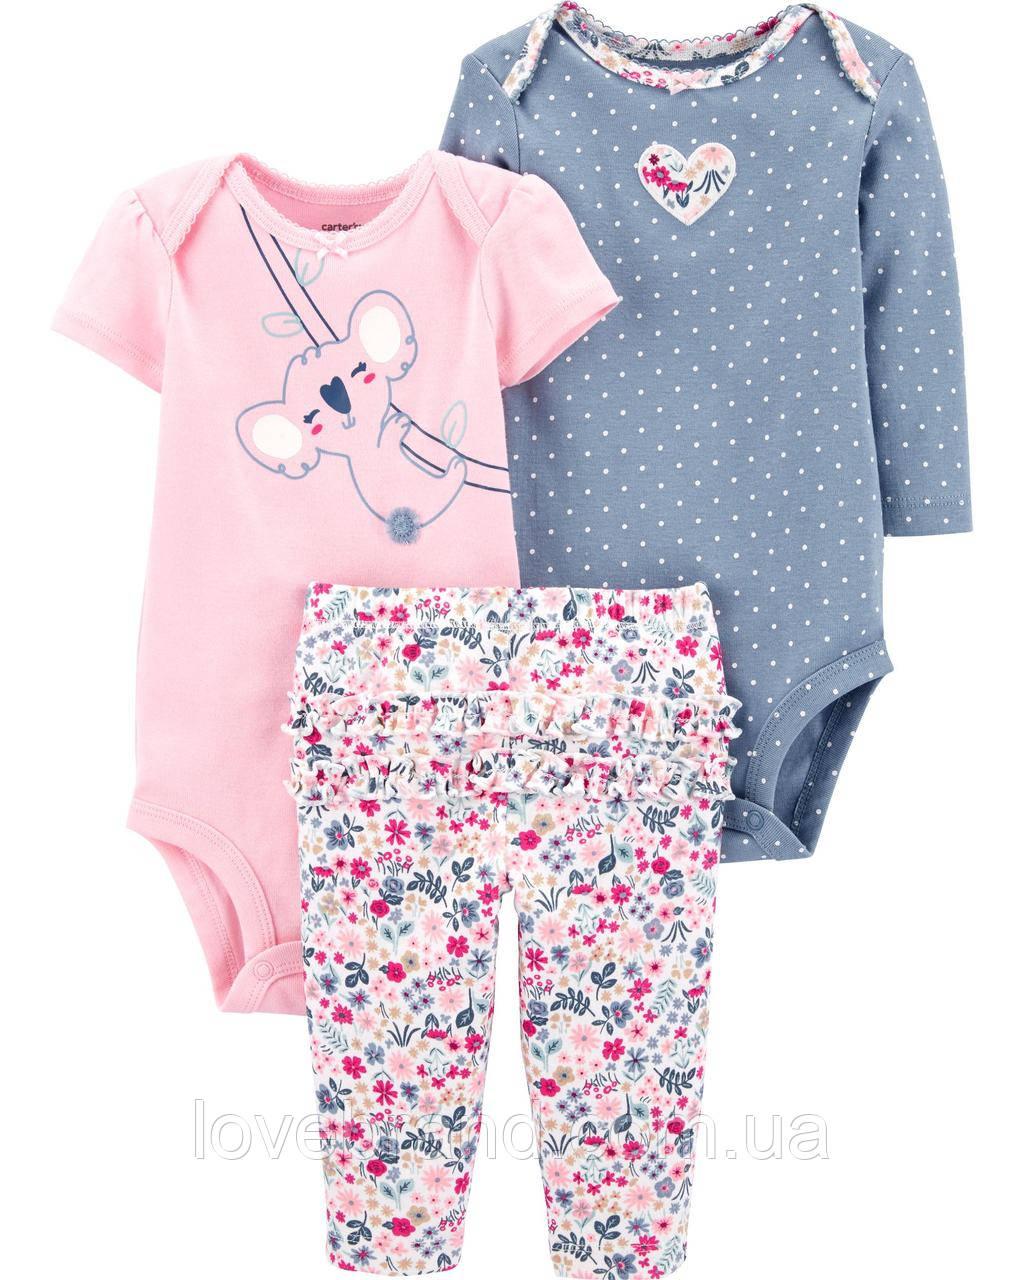 Набор для новорожденных девочек Carter's (картерс) Коалла NEW